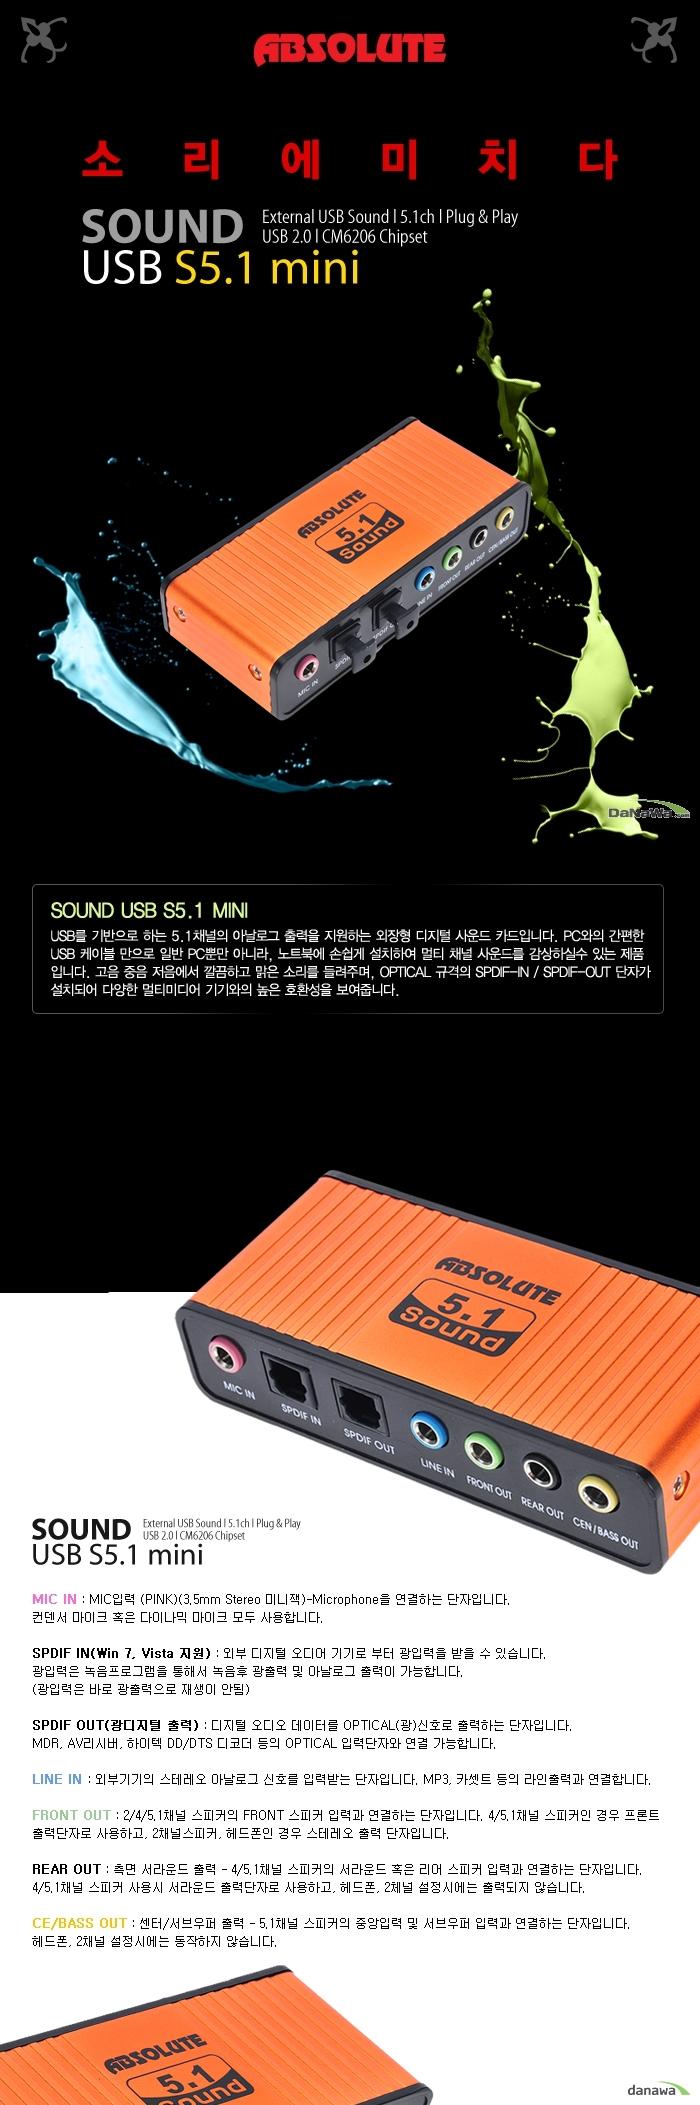 ABKO 앱코 SOUND USB S5.1 MINI 제품 메인 이미지 및 대표설명, 제품 정측면 이미지 및 제품 단자부 설명